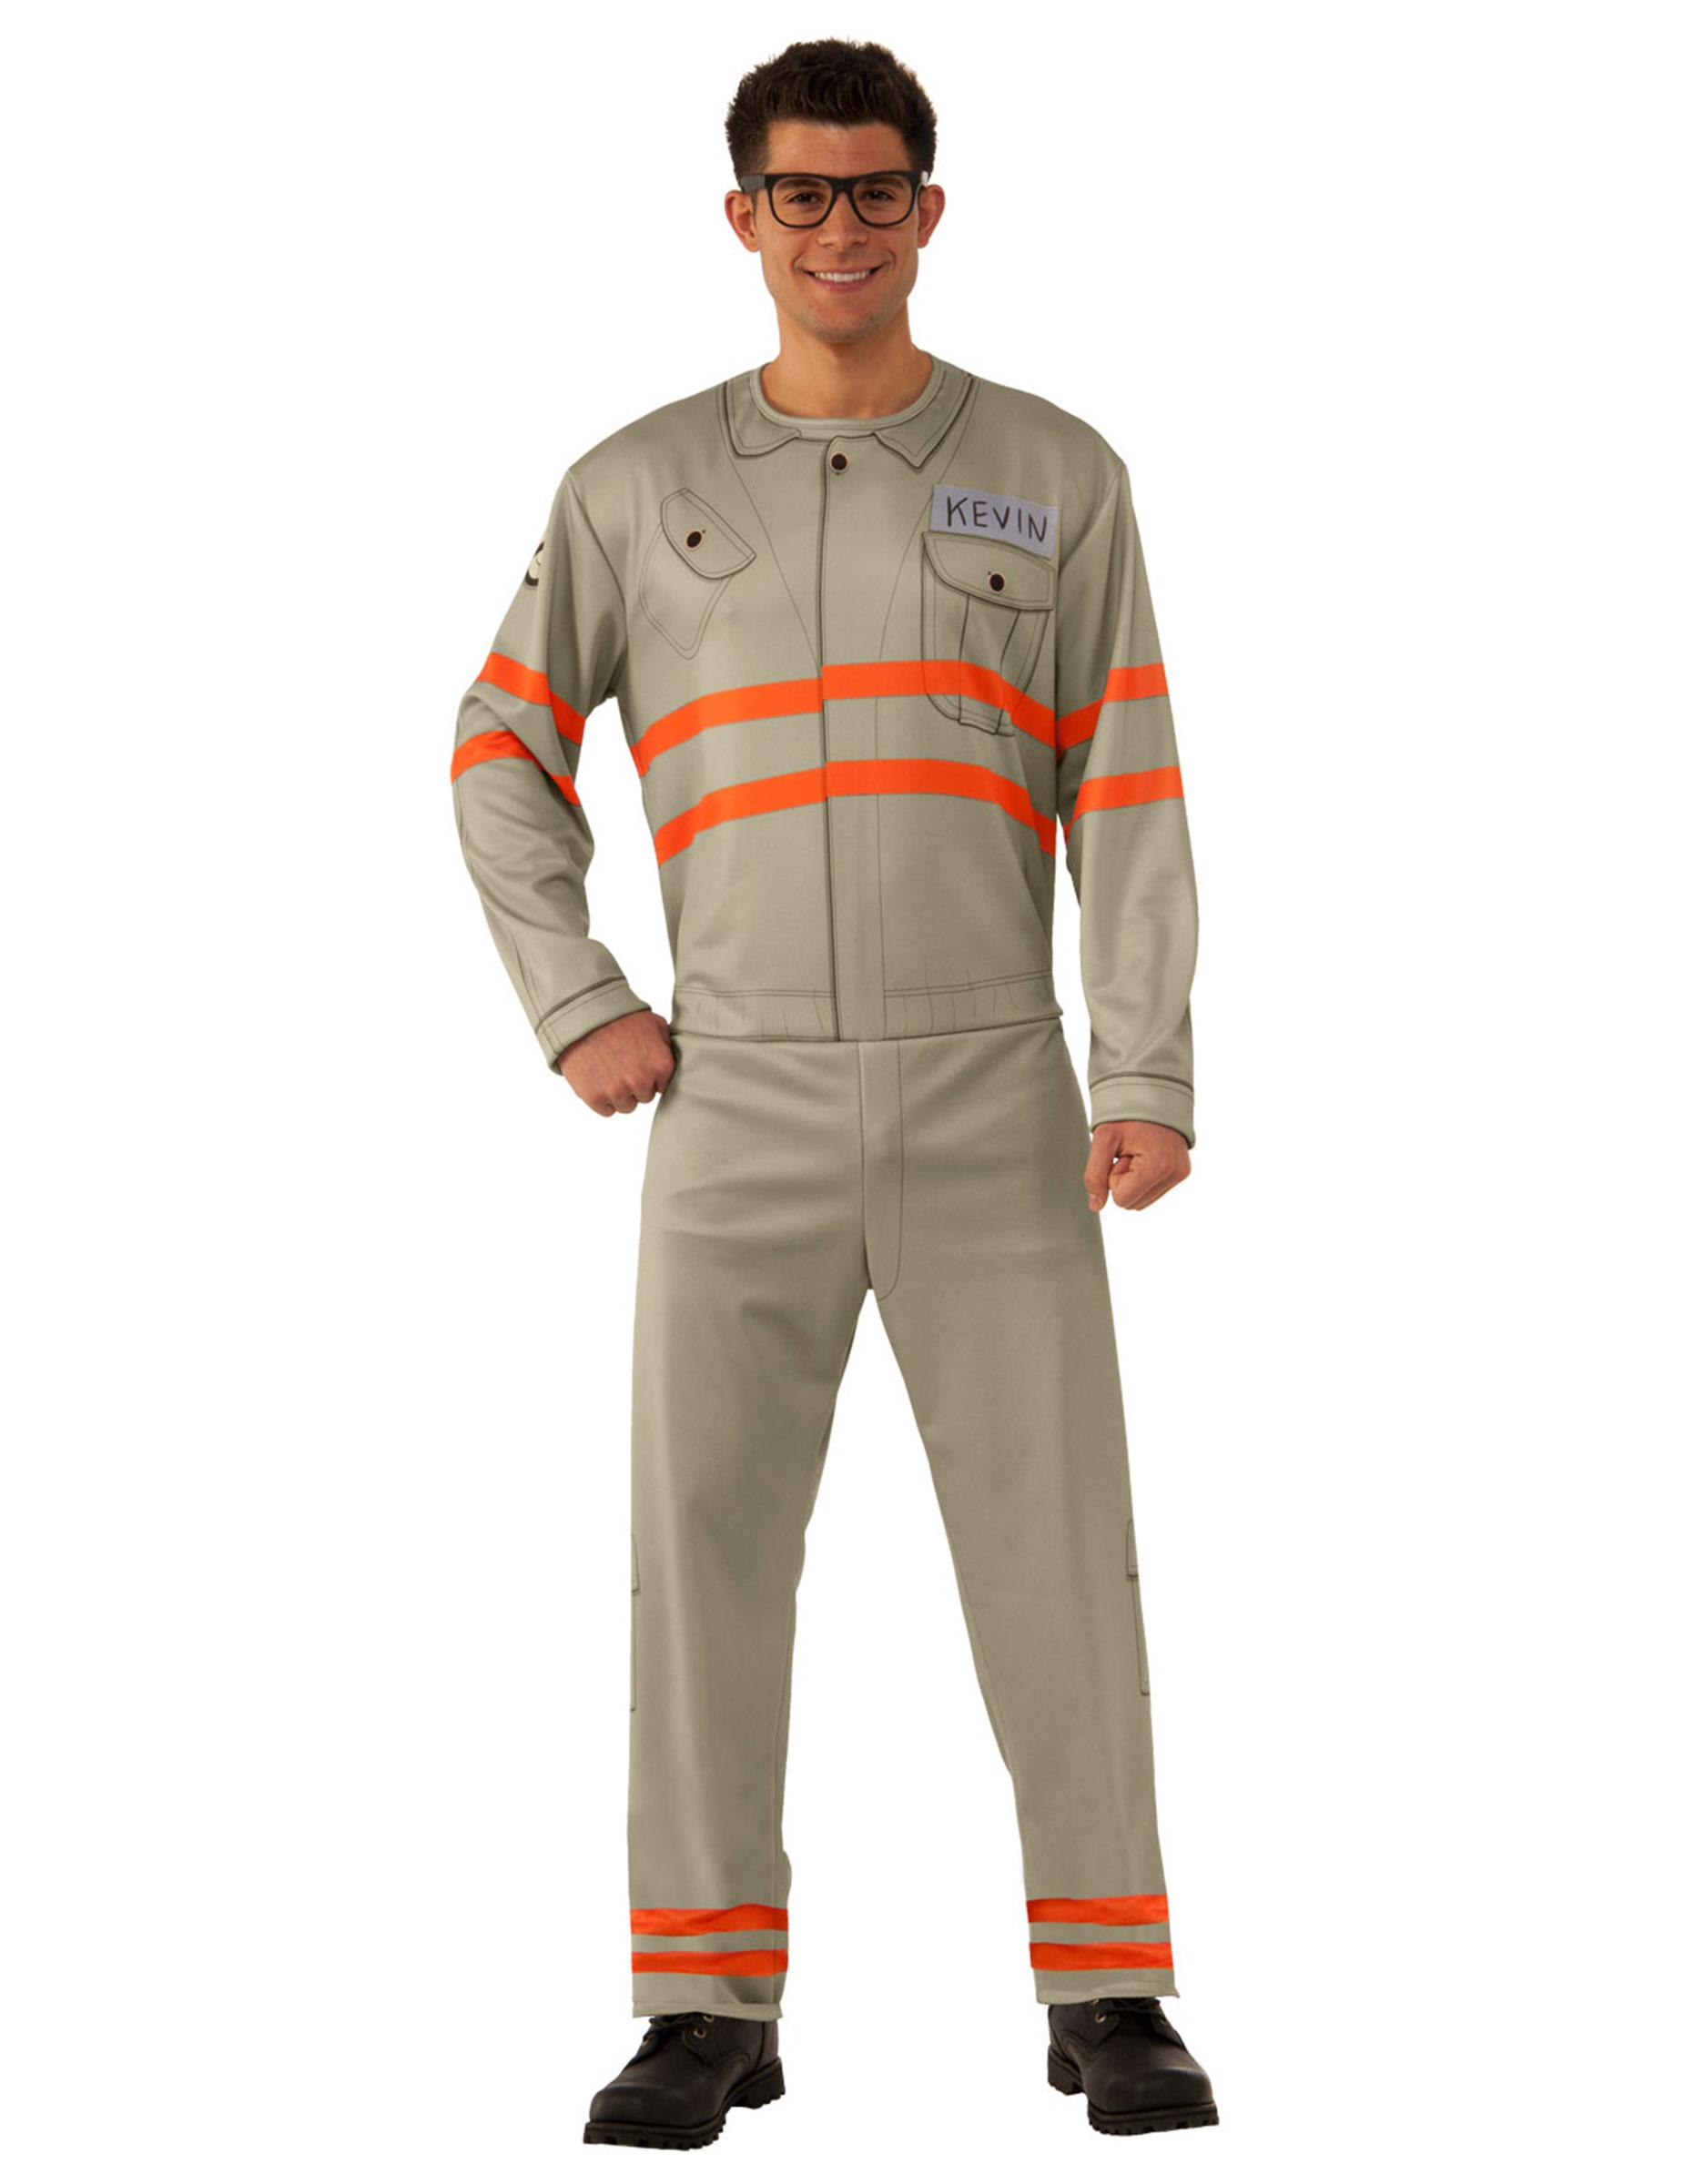 design unico New York fornitore ufficiale Costume da Kevin Ghostbusters™ per uomo: Costumi adulti,e vestiti ...